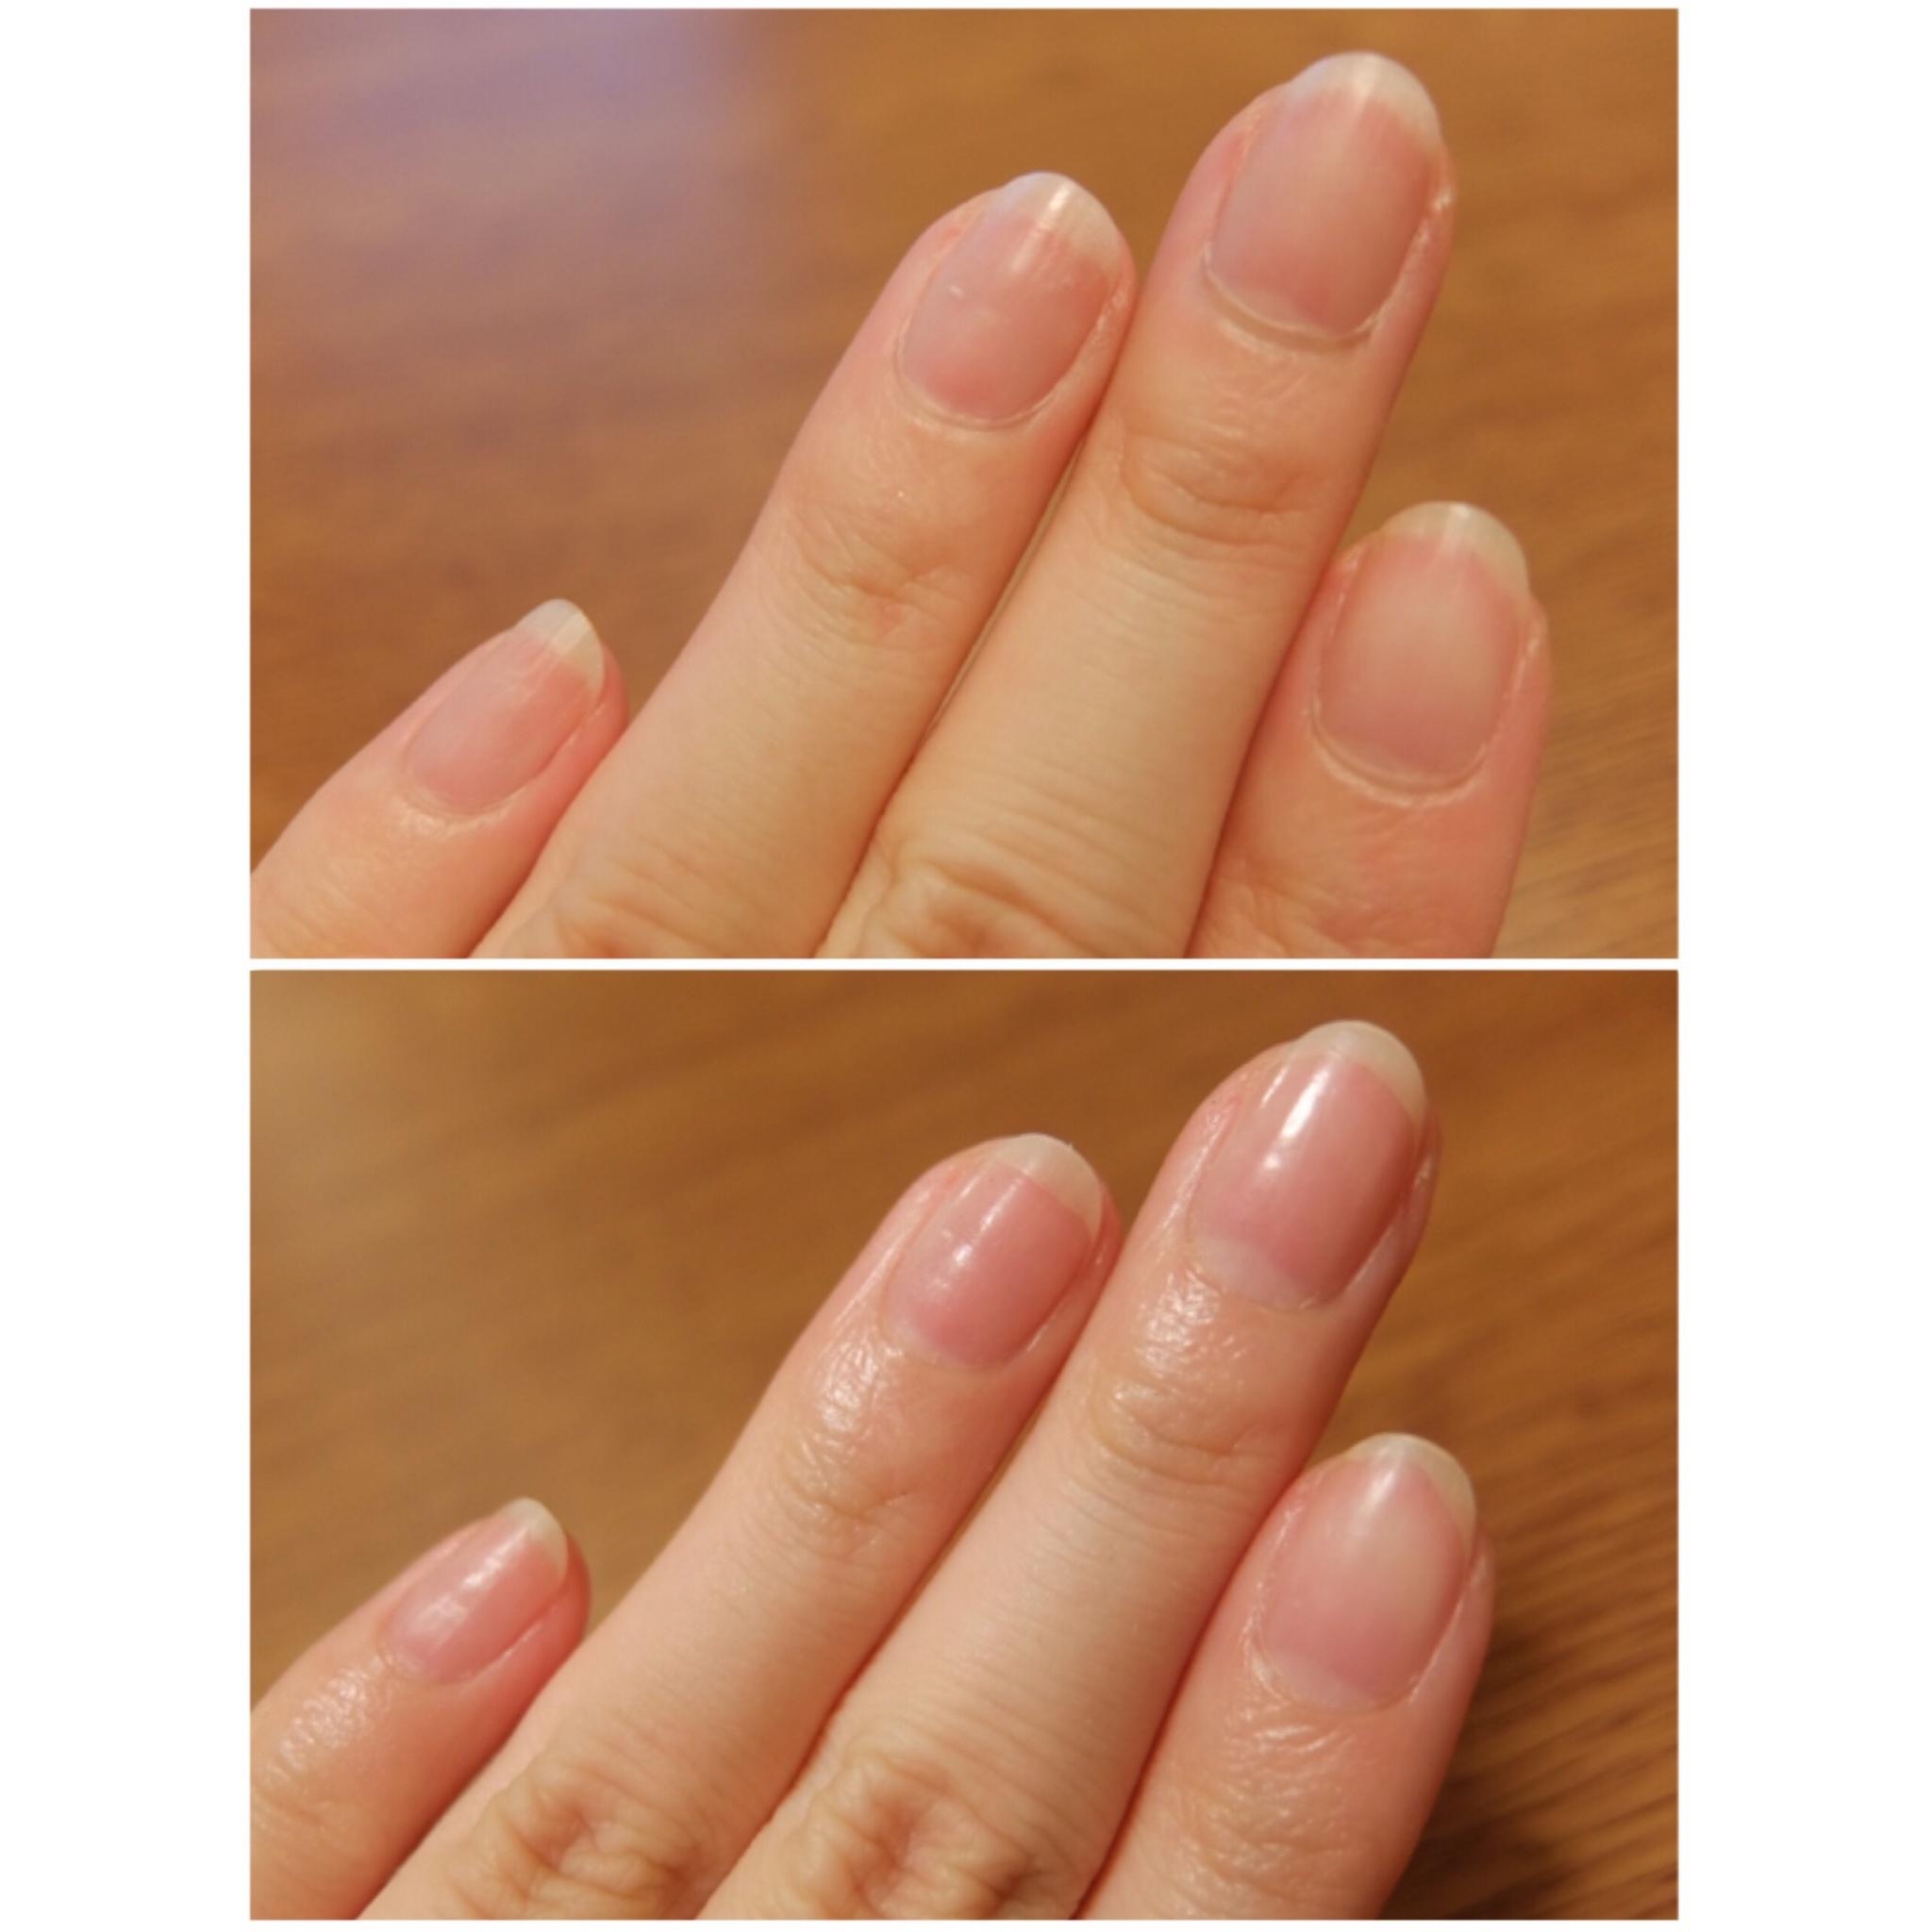 ネイル前のひと手間で指先がもっと綺麗になる!自宅でできる簡単ネイルケア方法♡_1